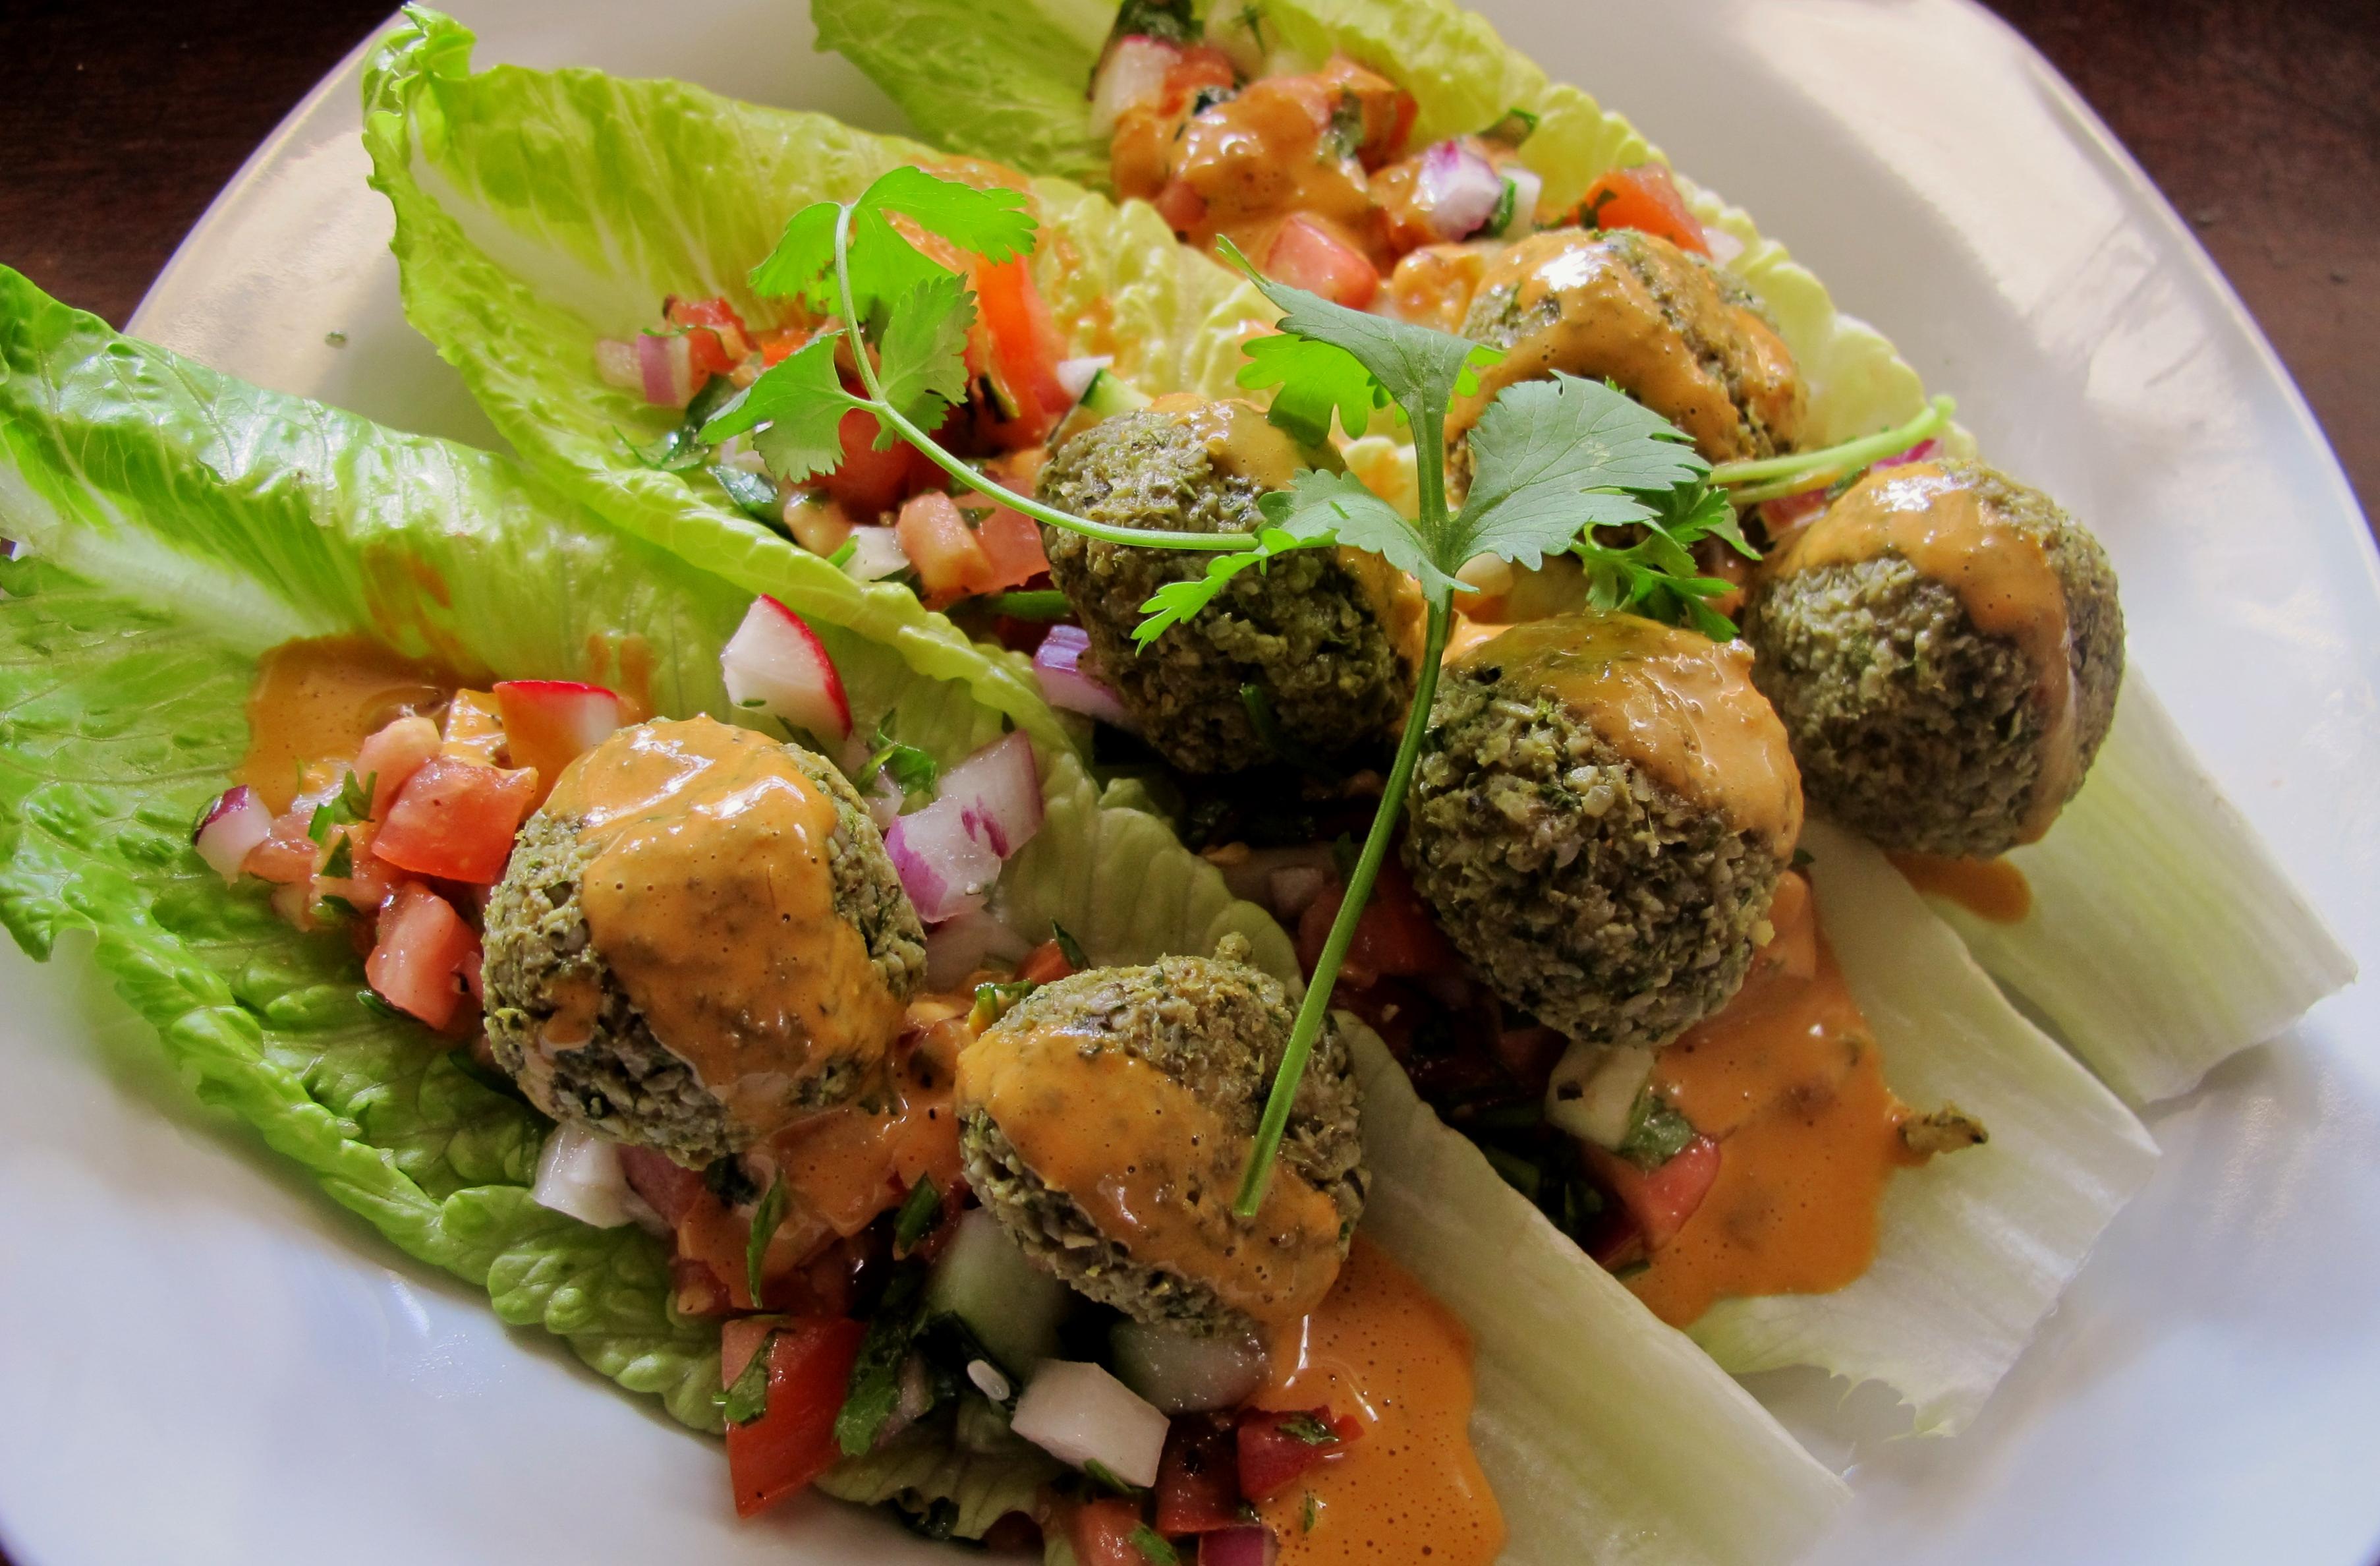 Falafel salad recipes dishmaps - Cuisine bernard falafel ...